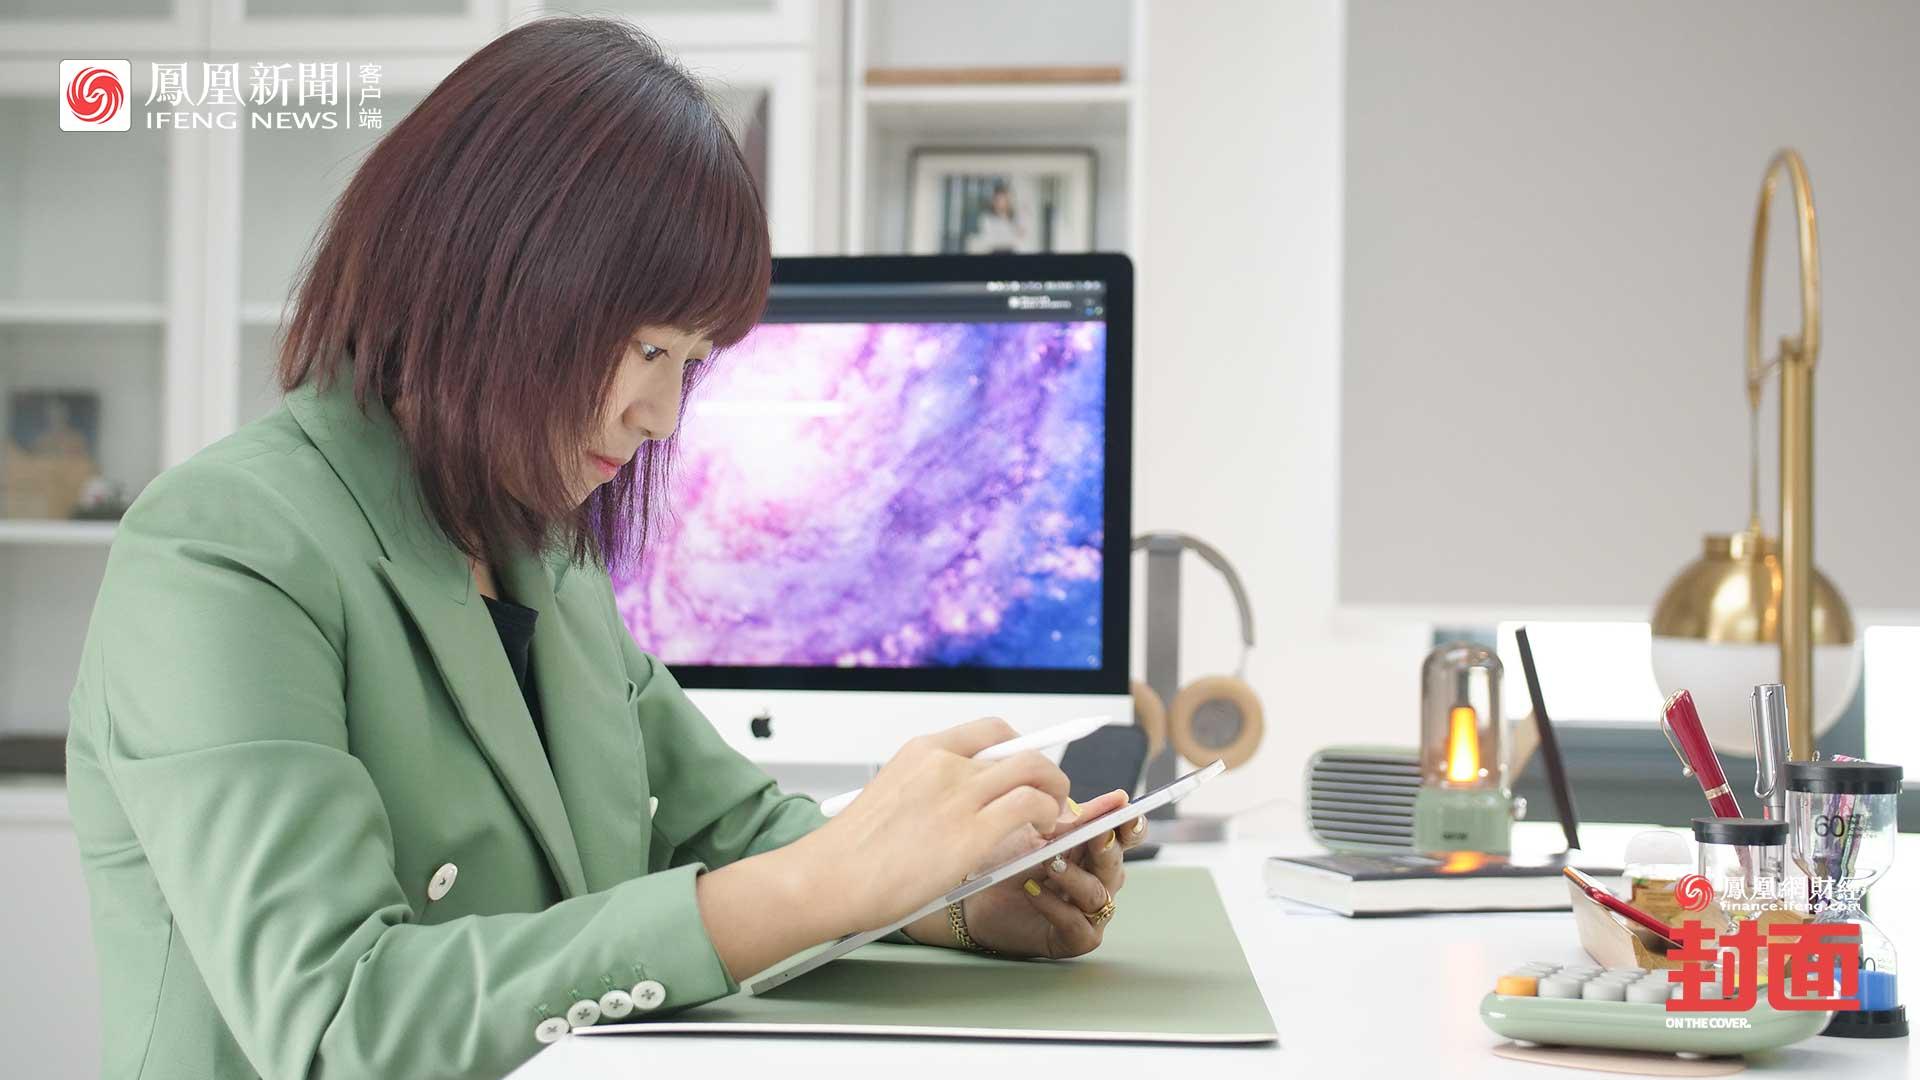 VIPKID米雯娟:人人上网课的时代我们需要什么样的课堂?封面